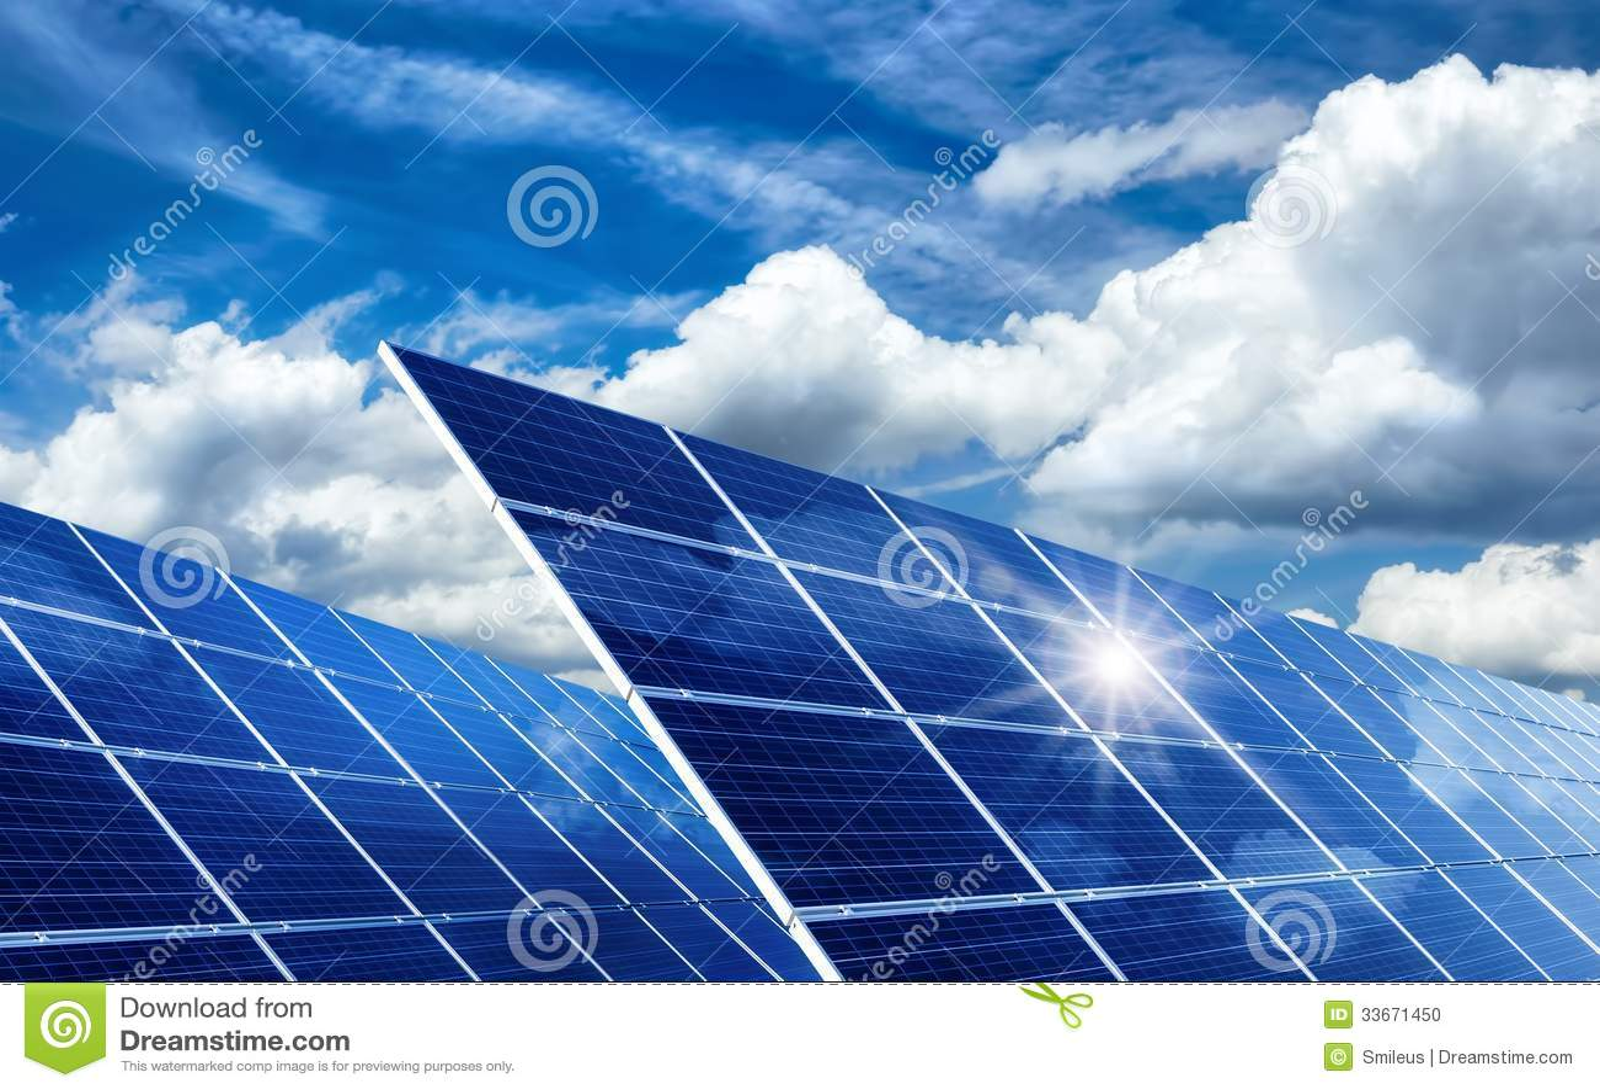 Pannelli solari che riflettono il sole e le nuvole for Pannelli solari immagini